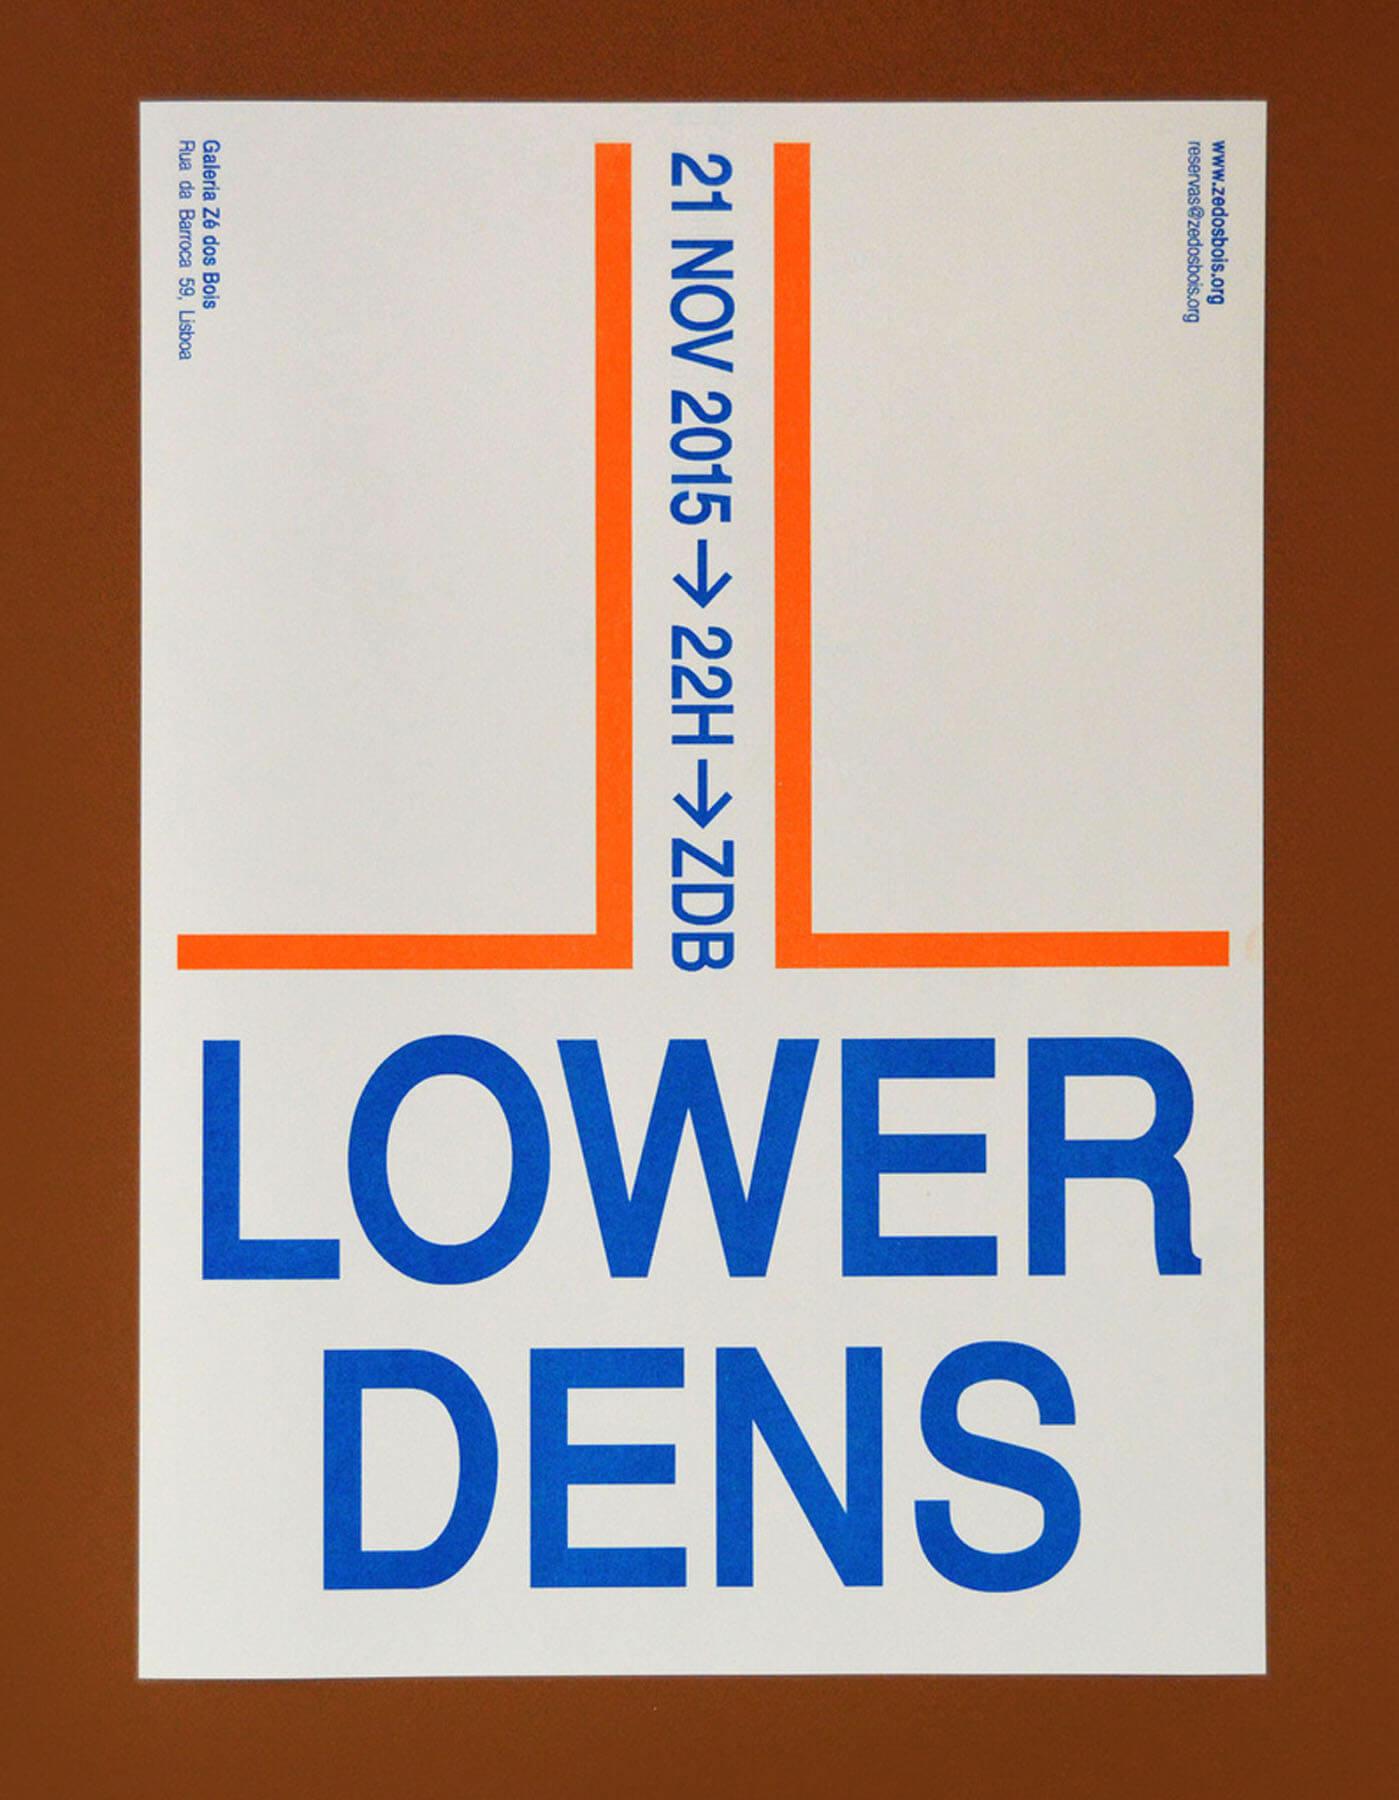 lower dens isabel lucena 01